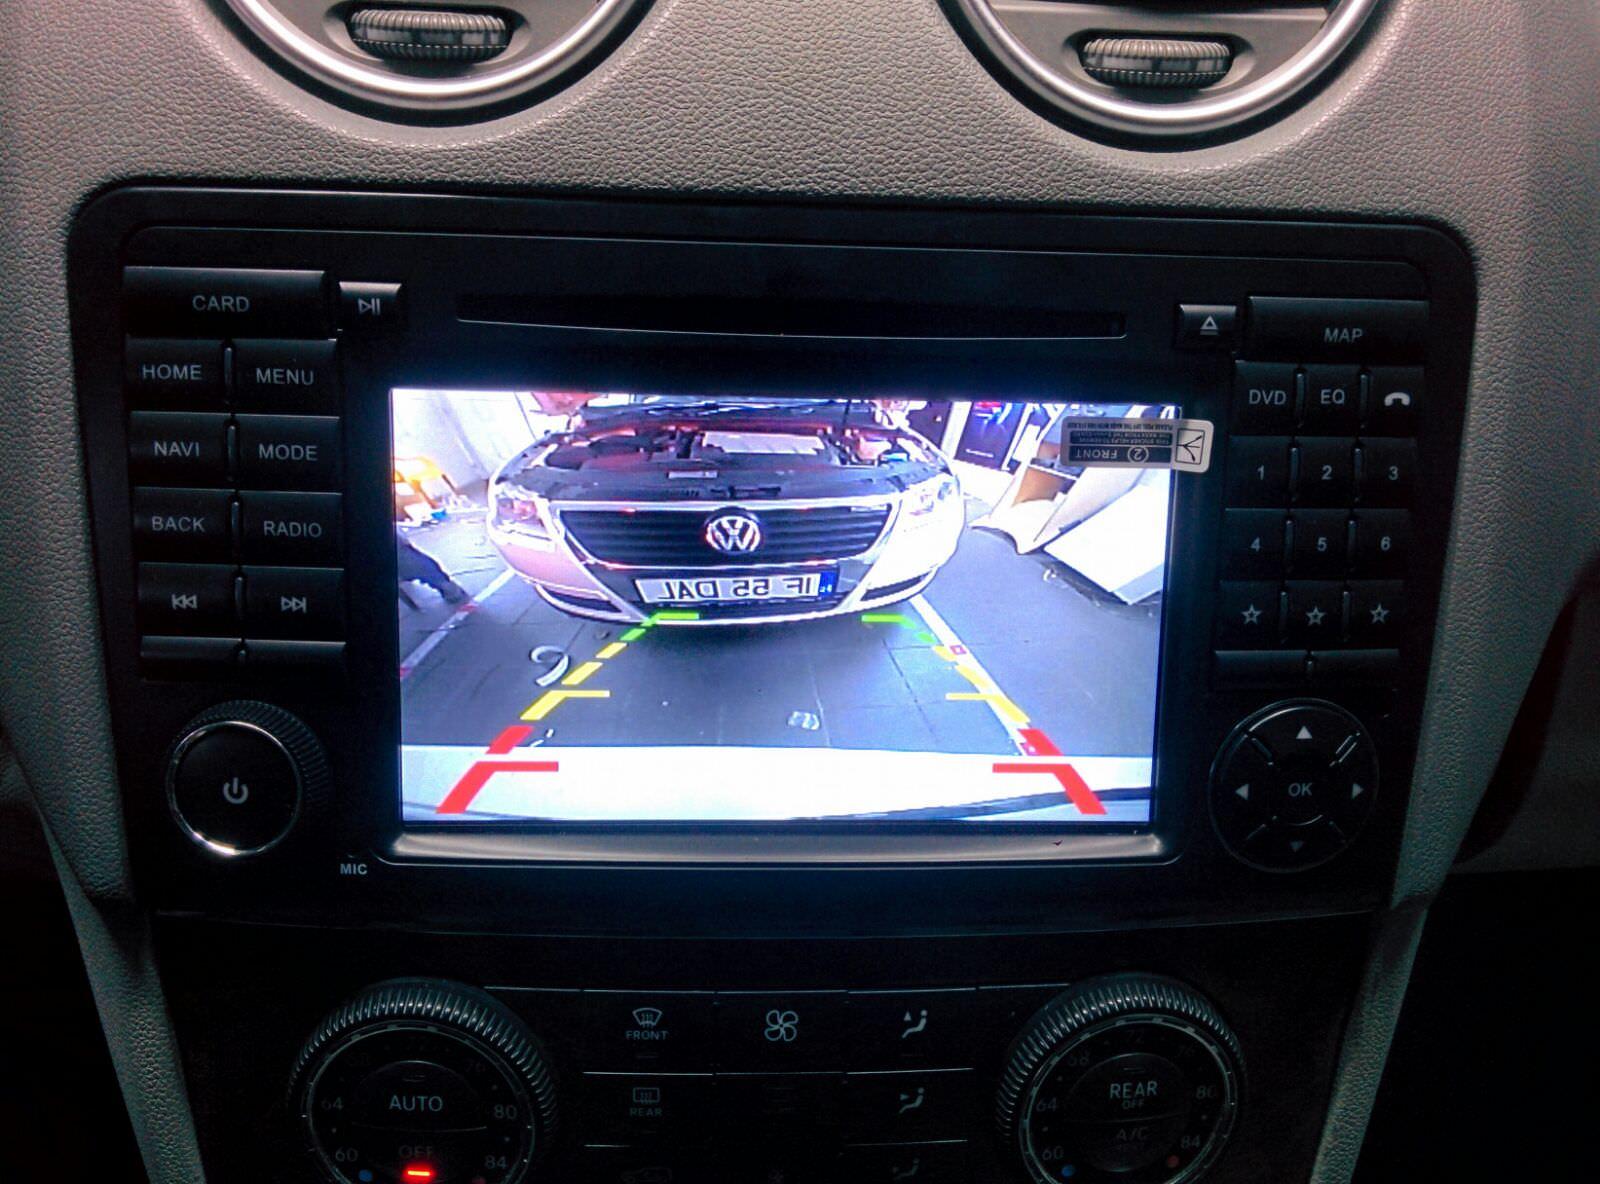 navigatie cu android octa core pentru mercedes ml mercedes gl